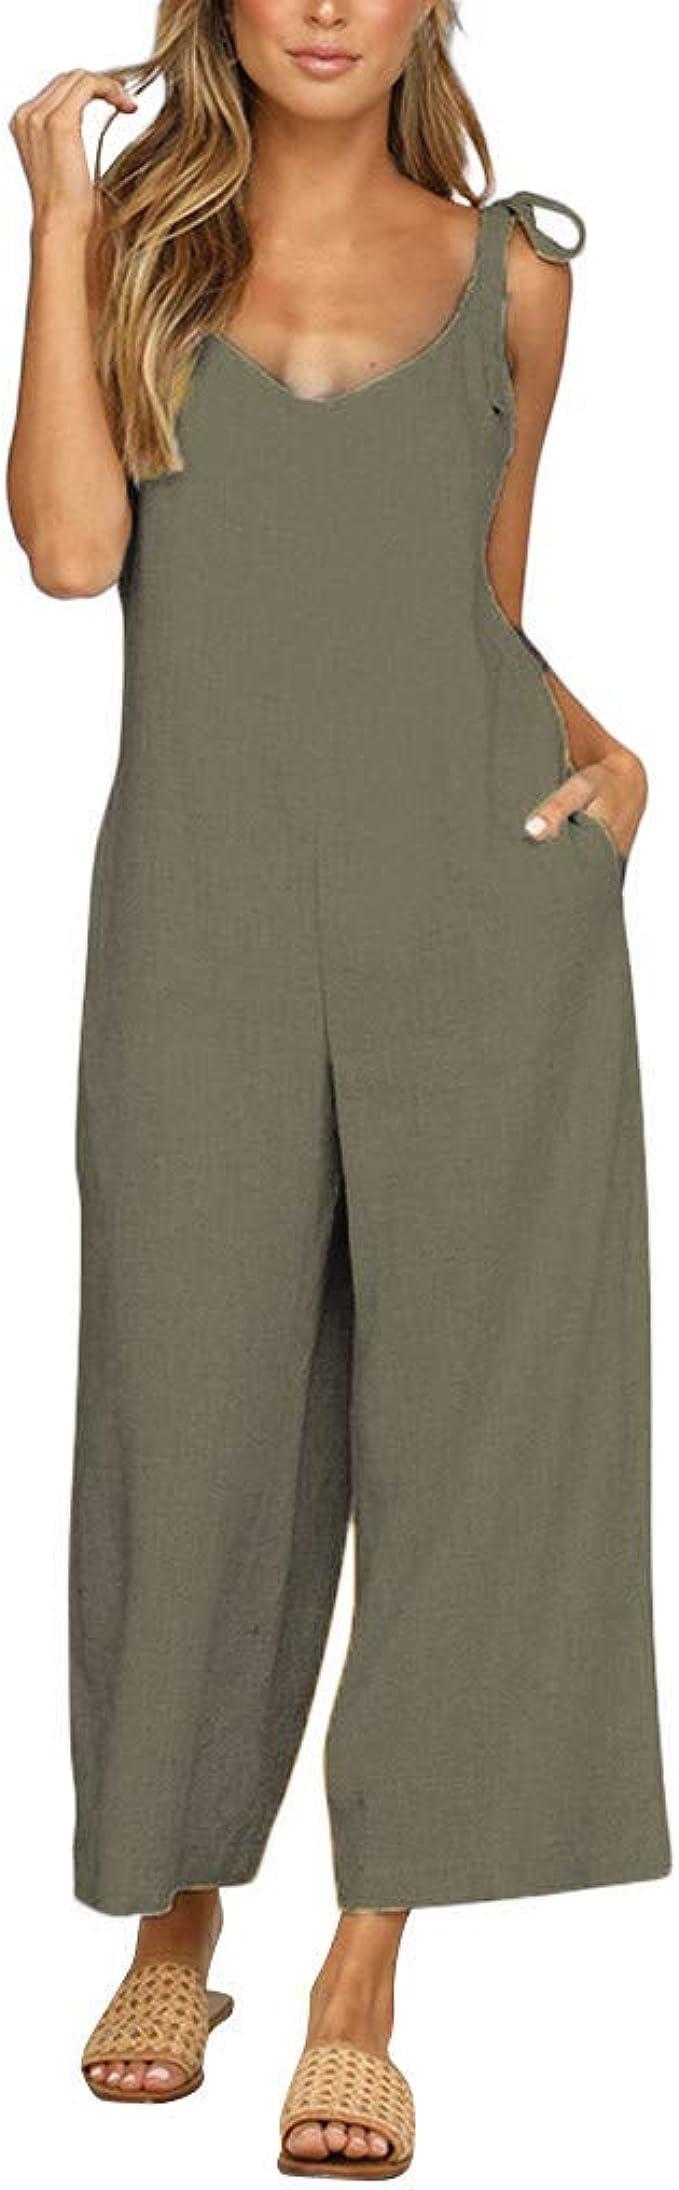 Monos De Vestir Mujer Sunnsean Mujer Mono Elegante Cortos Verano Un Hombro Casual Pantalones Ropa Vestir Cintura Alta Vendaje Ajustado Sexy Trajes Lisos Piernas Anchas Pantalones Verano Monos Amazon Es Ropa Y Accesorios